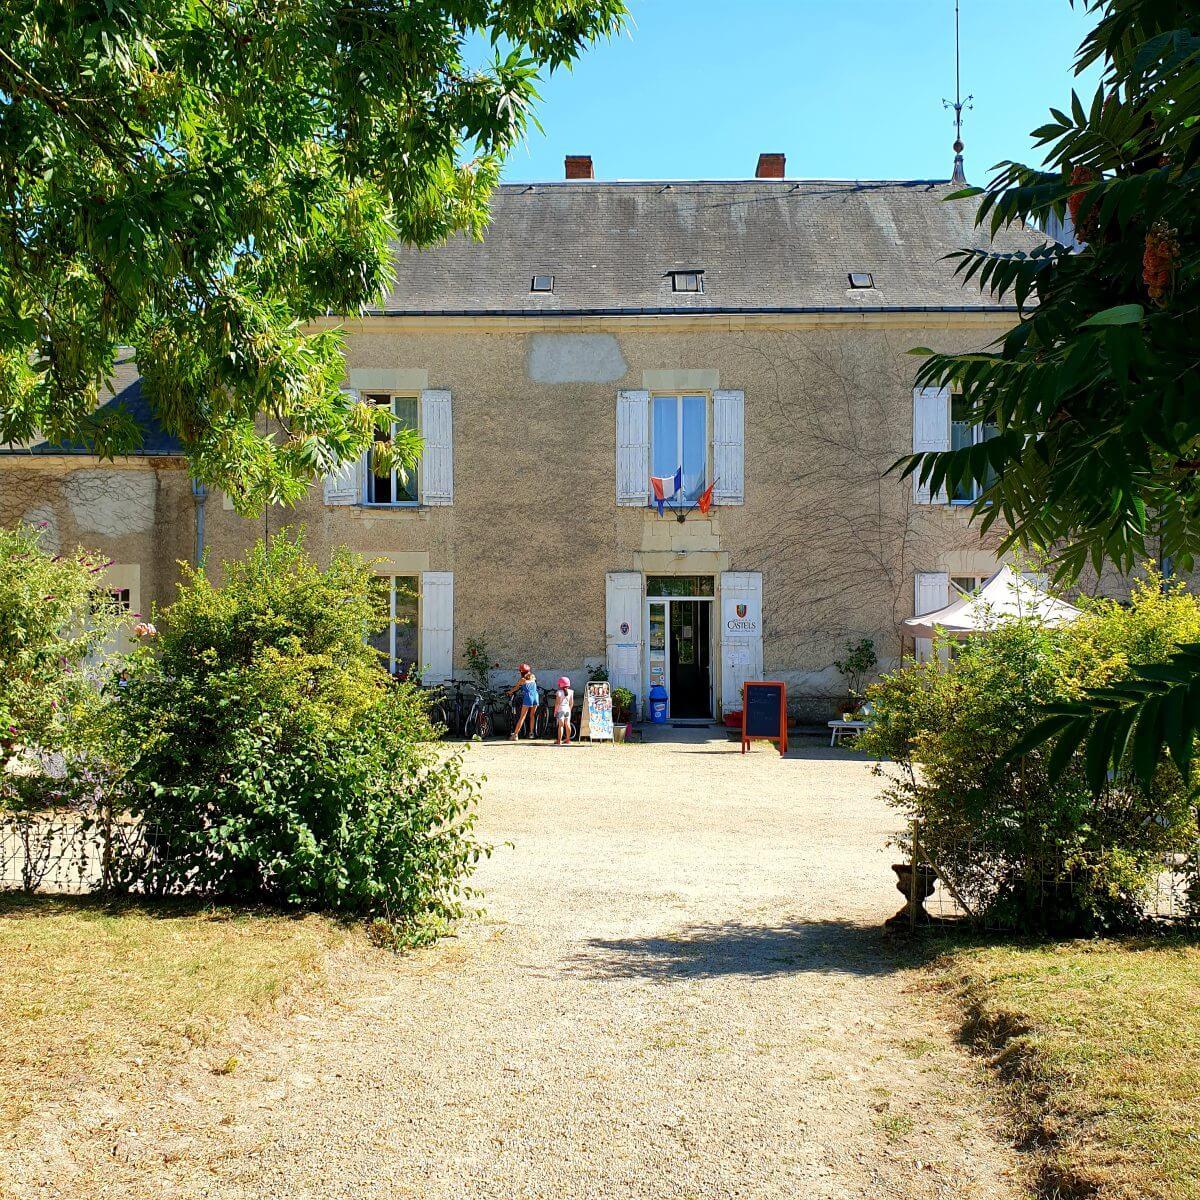 de receptie in het nieuwe kasteel van kasteelcamping e Petit Trianon de Saint Ustre in de Vienne in Frankrijk